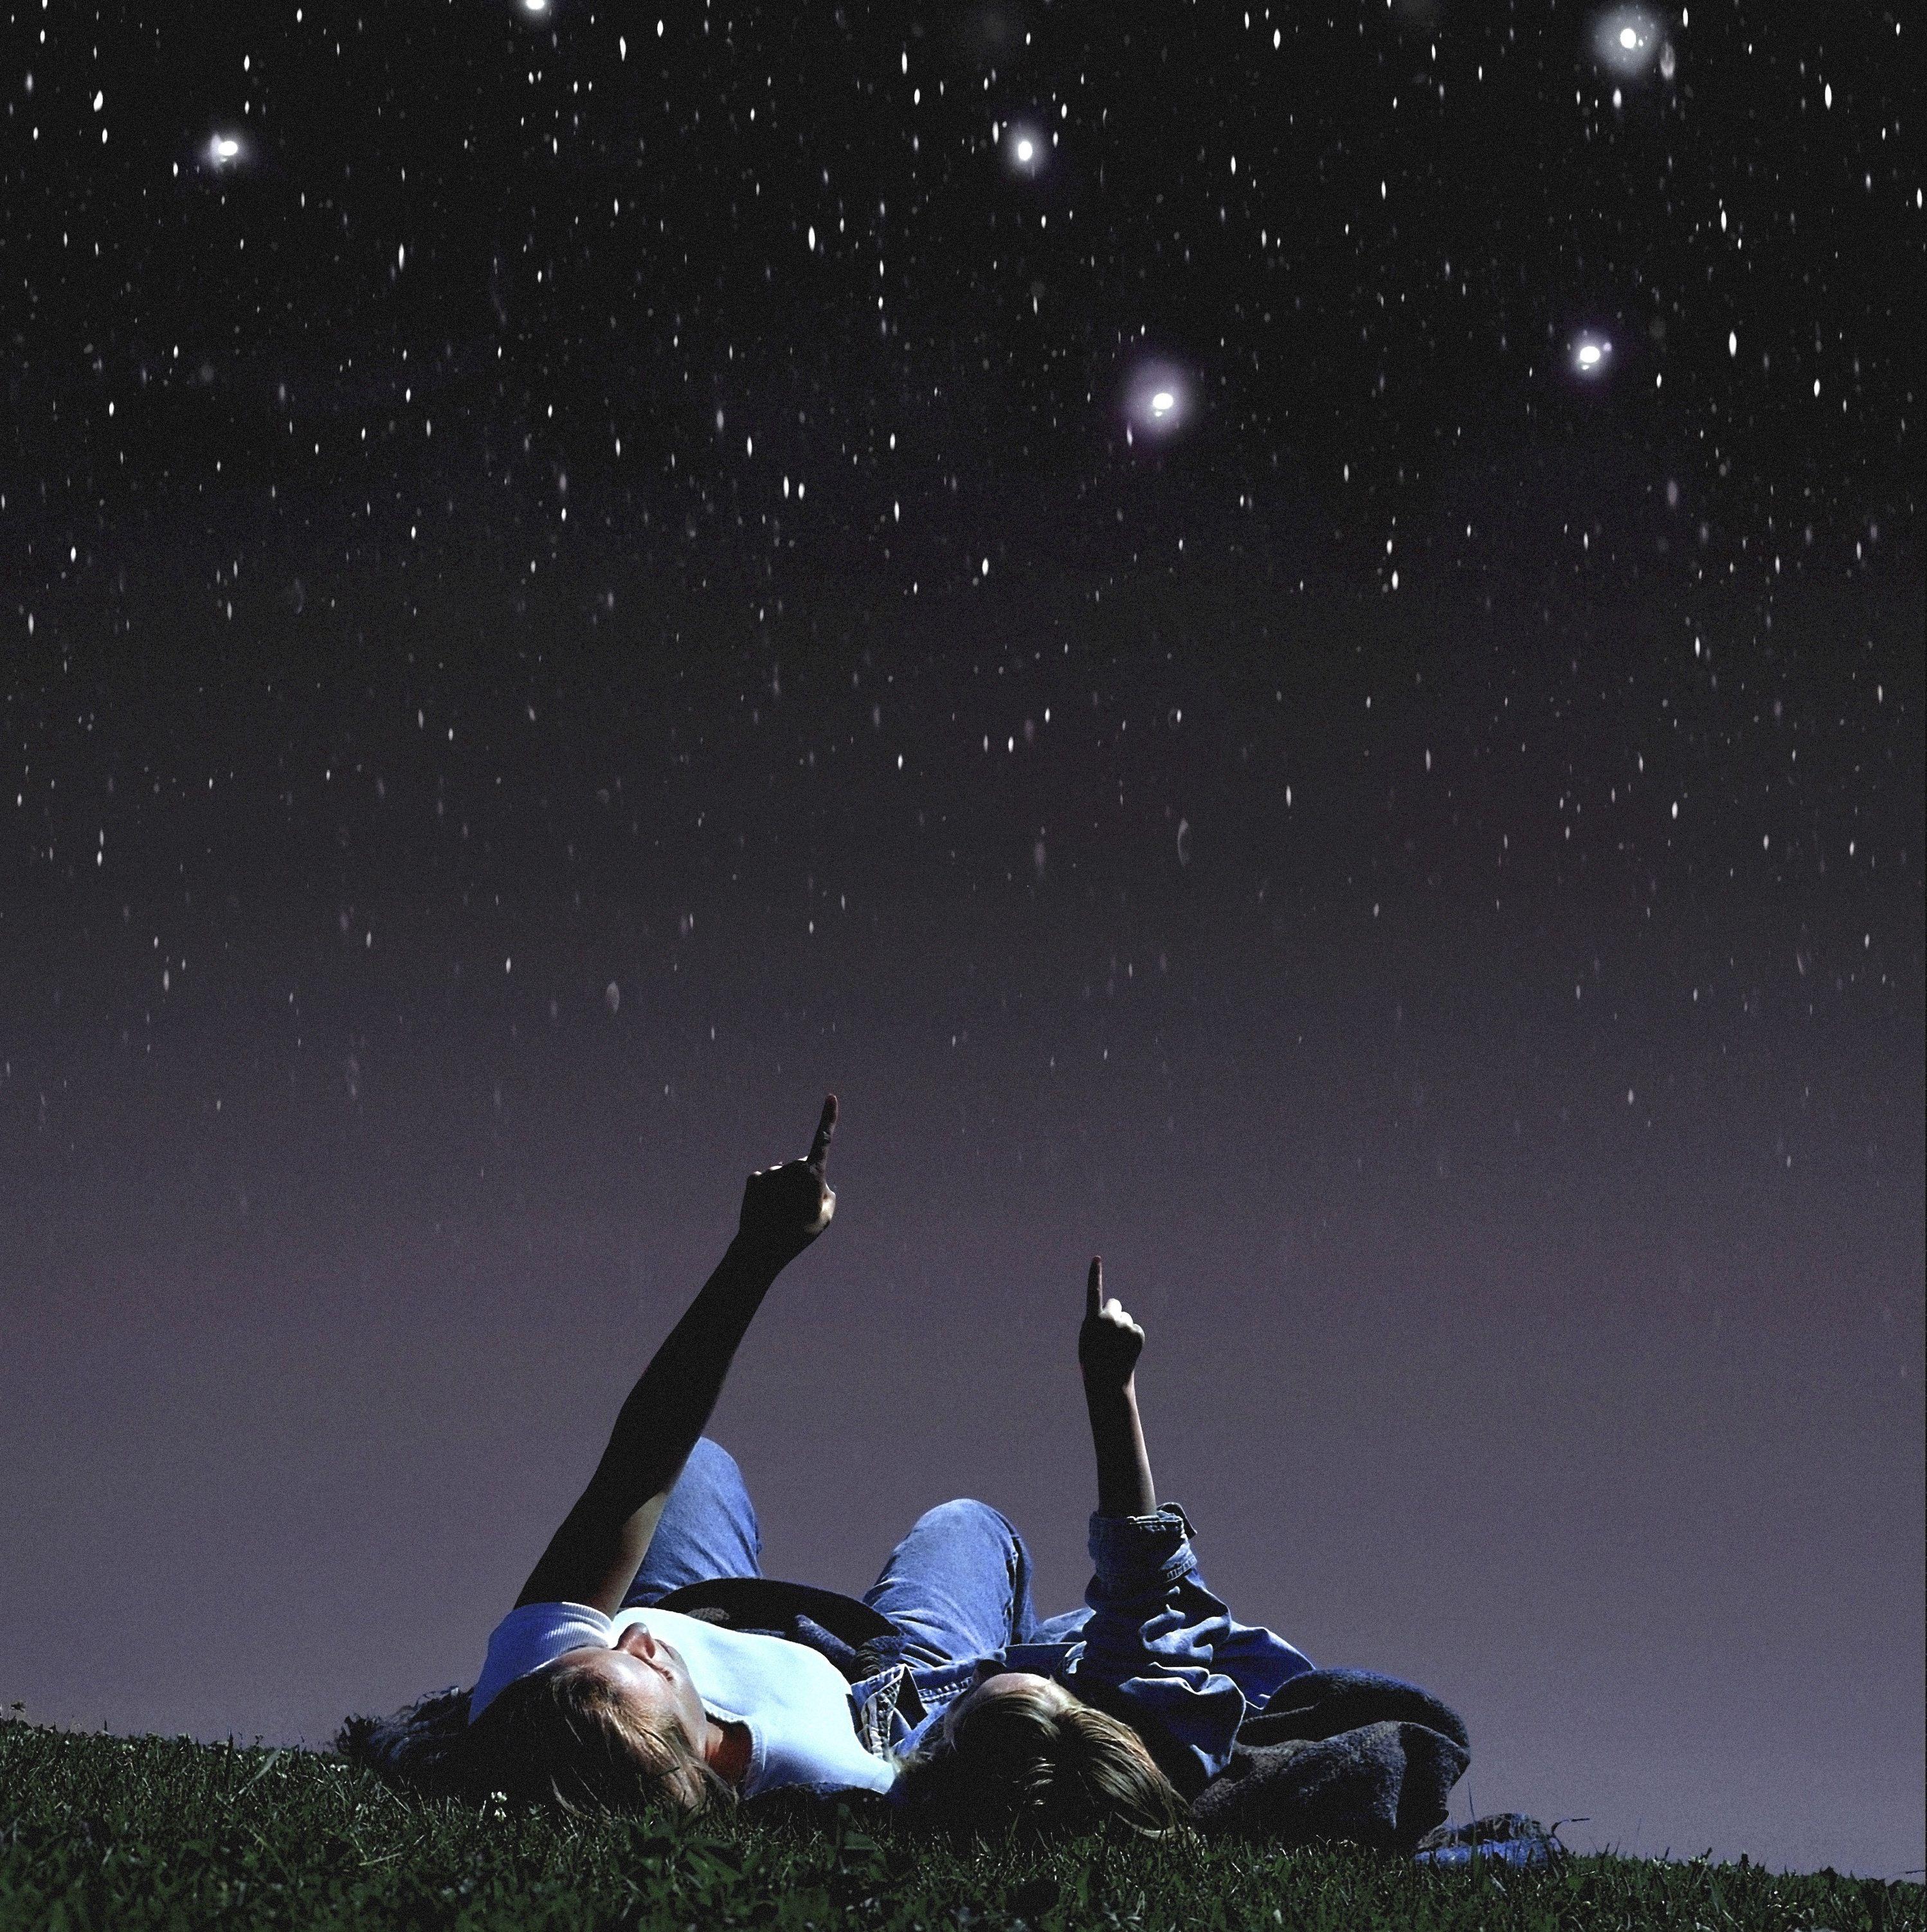 обои смотрят на звезды лежа в траве фото животные имеют общие